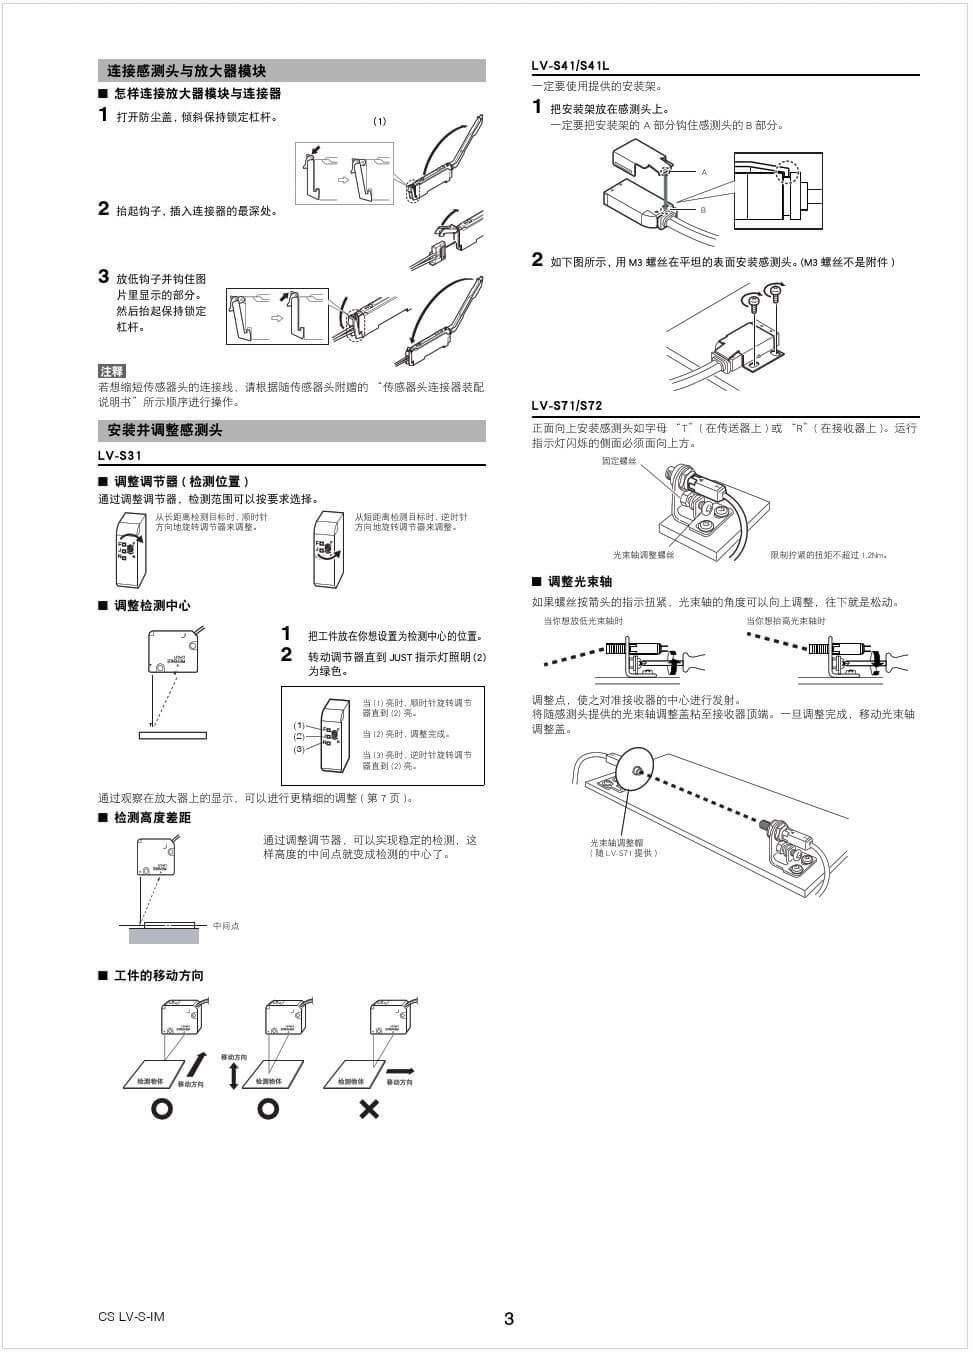 基恩士系列激光传感器-03